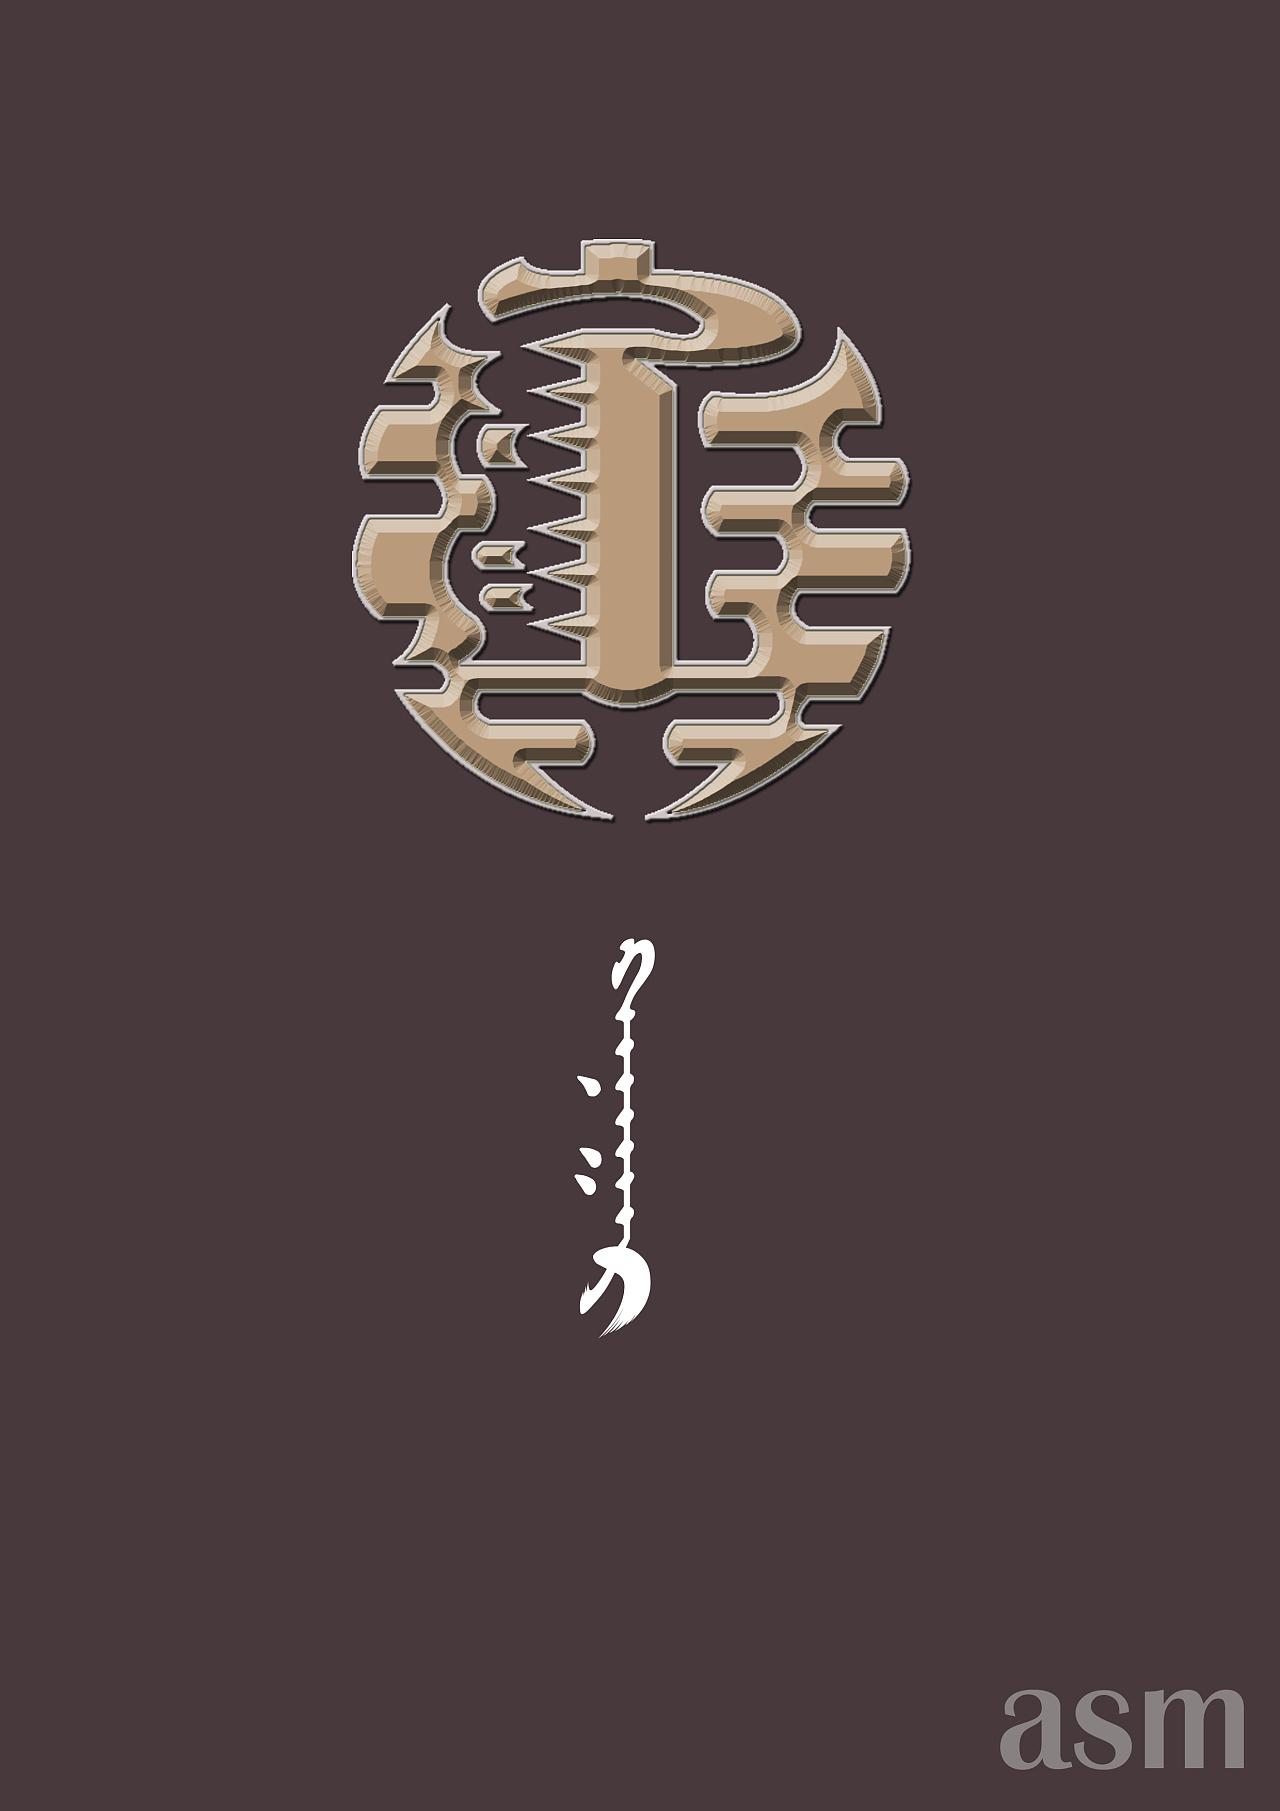 蒙古艺术文字4 -阿斯玛设计 第10张 蒙古艺术文字4 -阿斯玛设计 蒙古设计